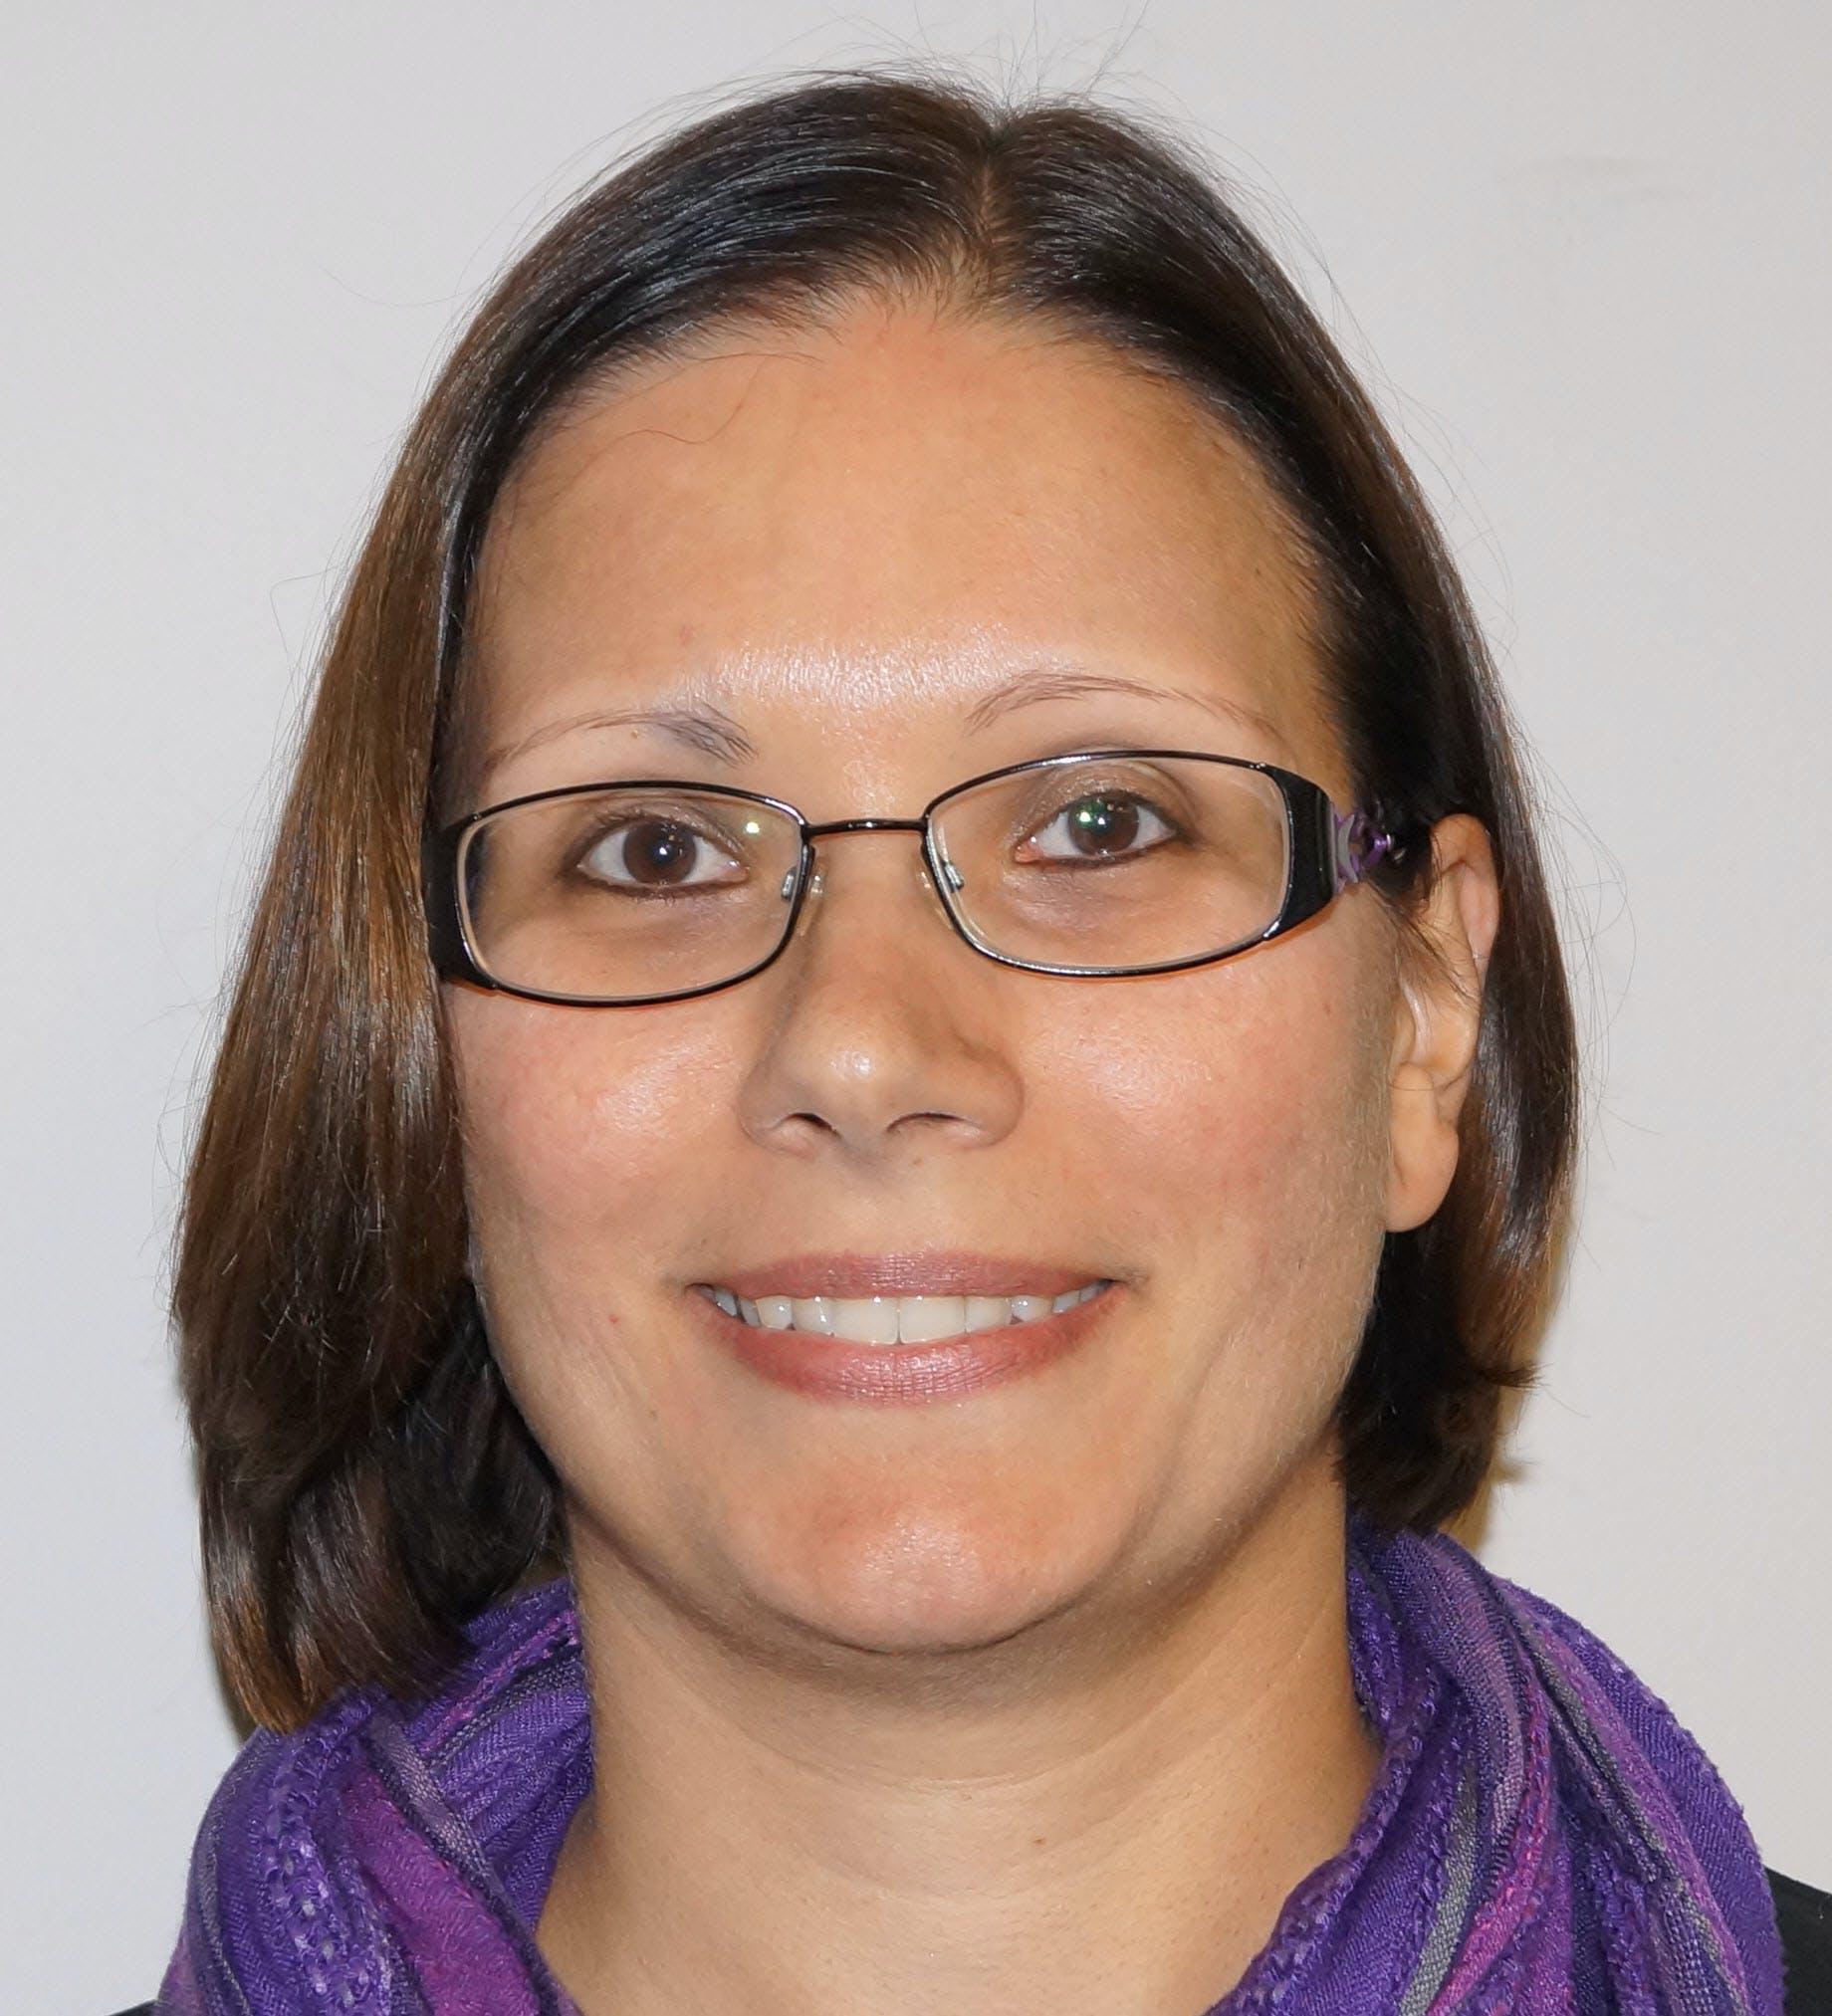 Andrea Perlaky